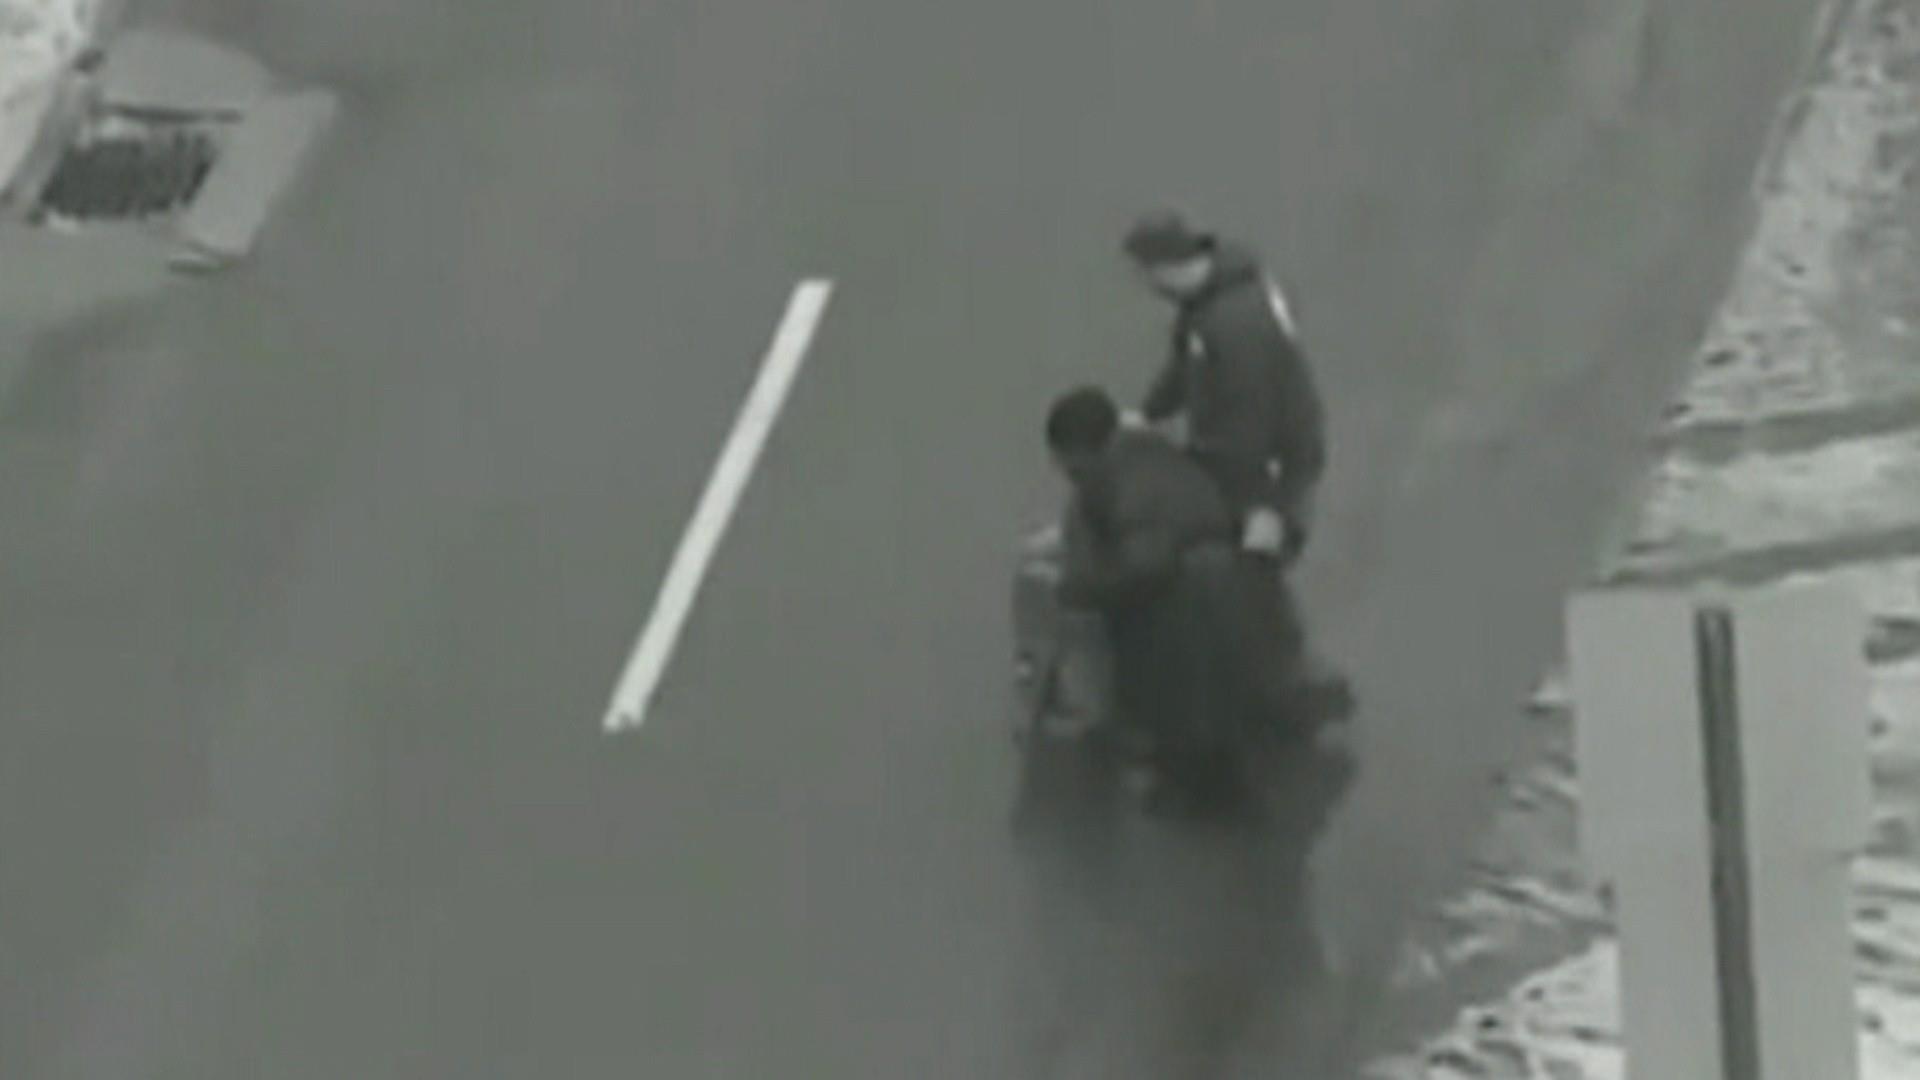 Driver helps elderly woman cross snowy street in sweet video